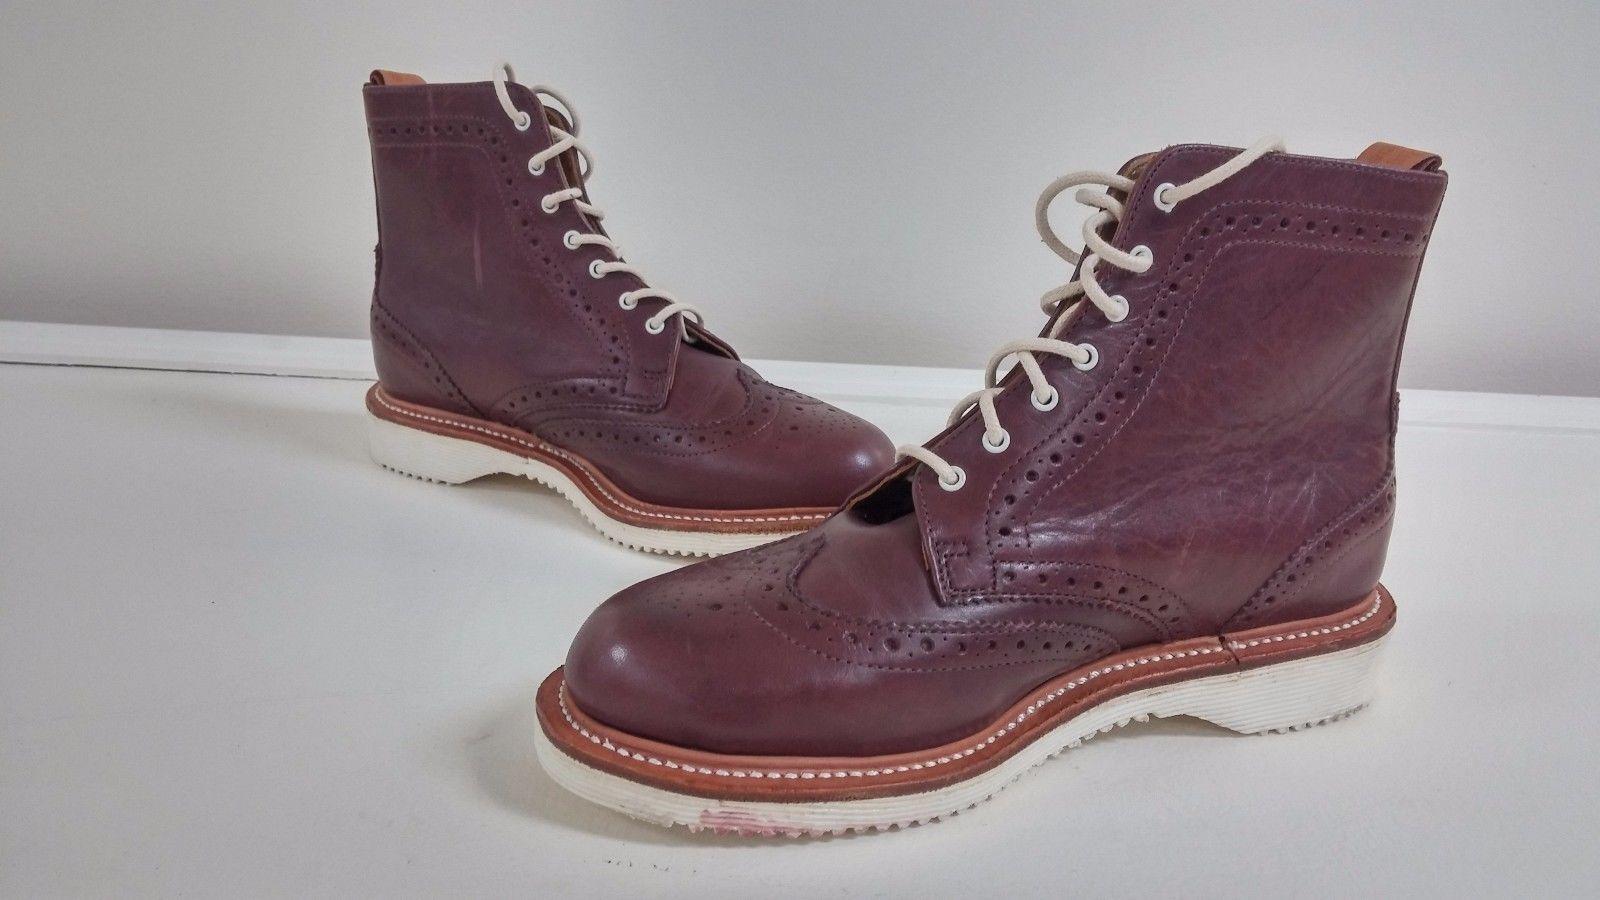 Nuevo Para Mujeres Dr Marten Bently Brogue Marrón Tobillo botas De Vestir Talla L5 109M